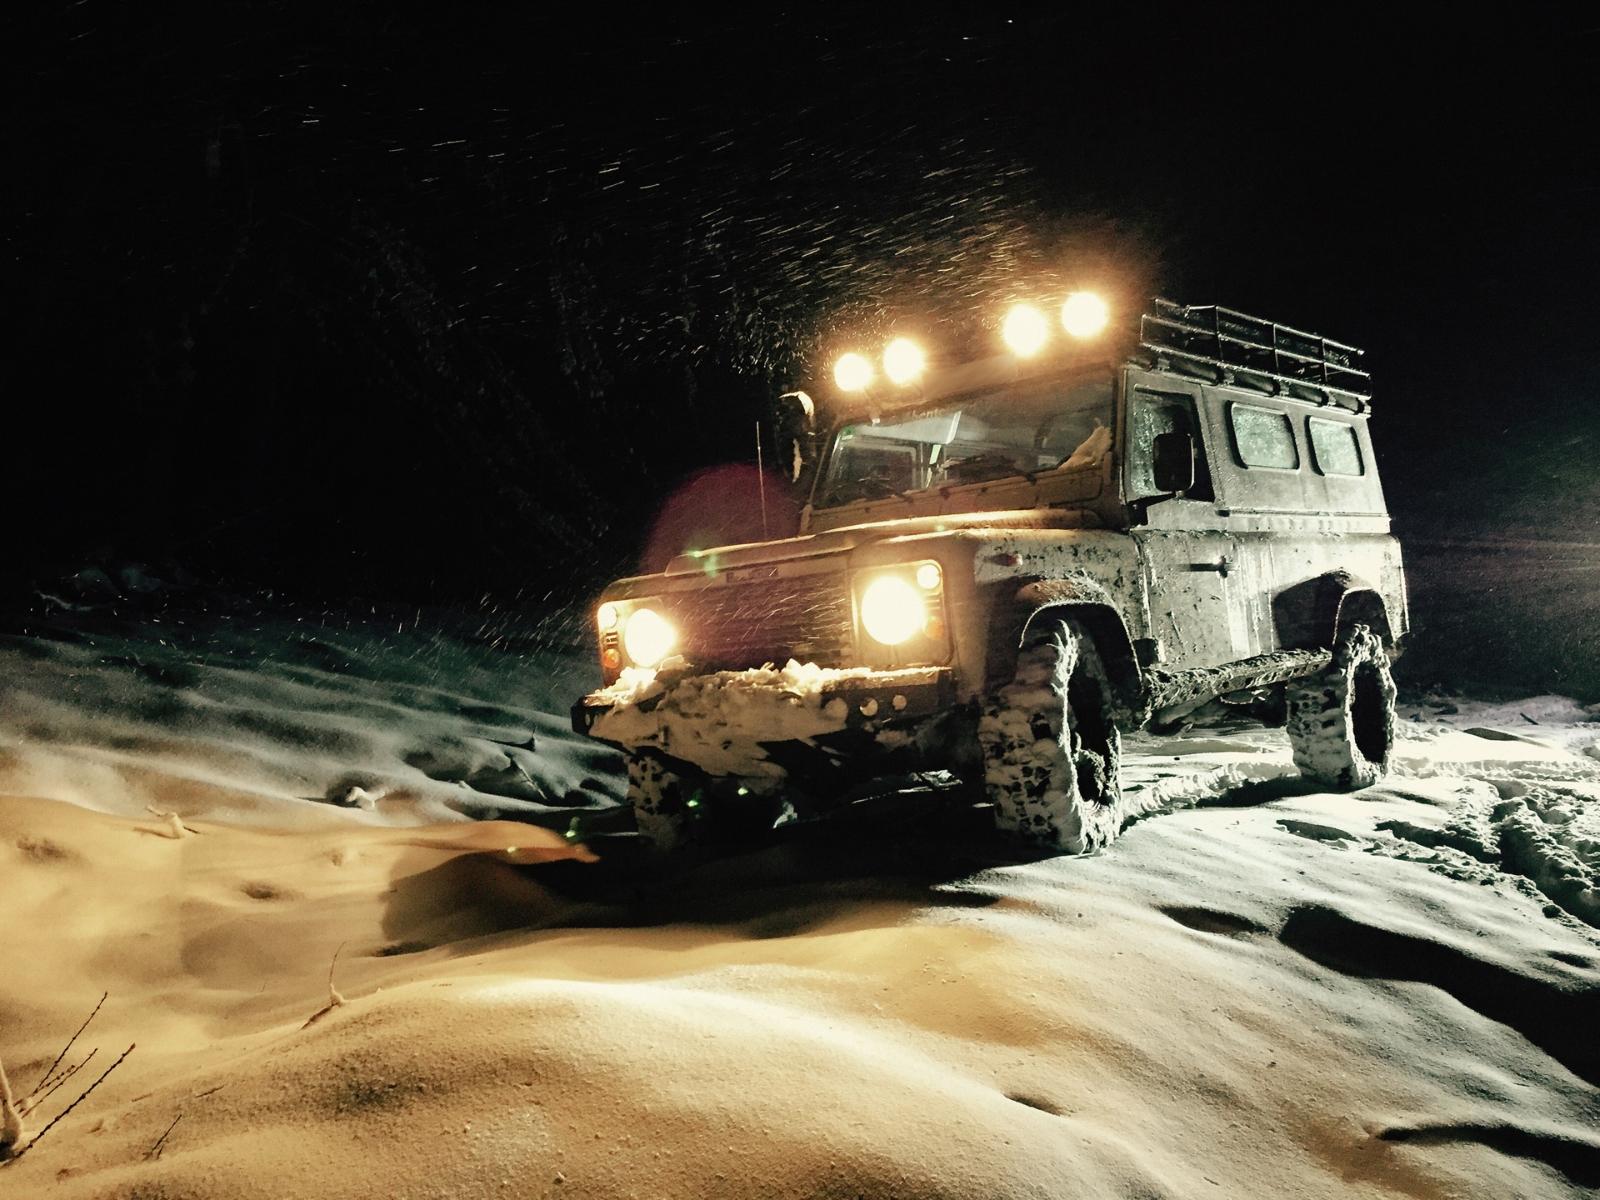 Abenteuer4x4 - Hoteltour im Winter - Special: Nachtfahrt, hoffentlich im Schnee.